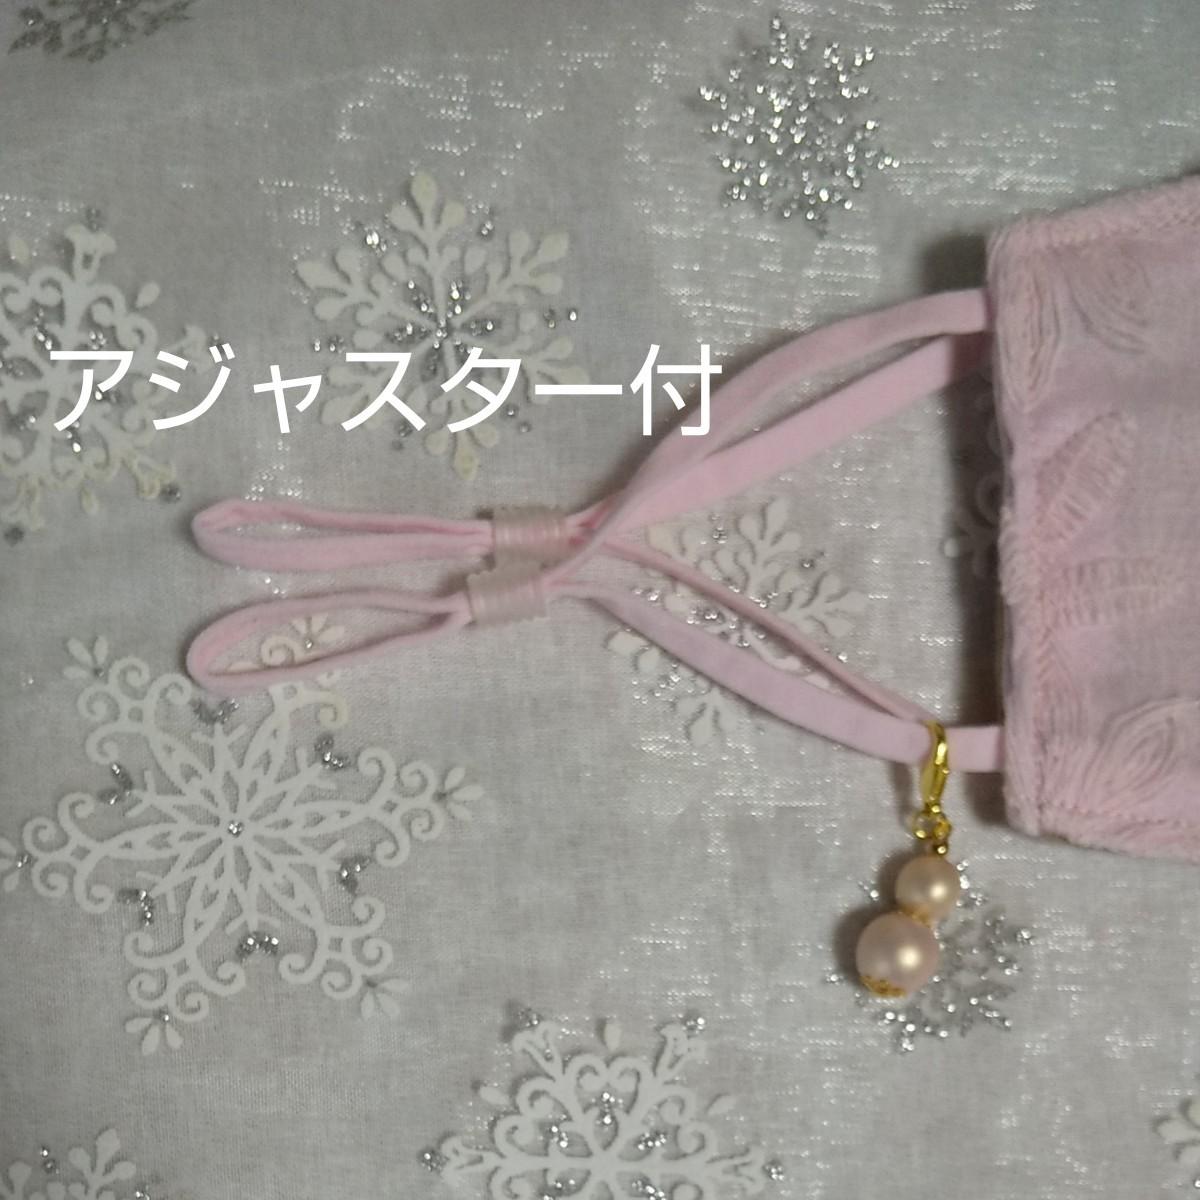 立体インナーハンドメイド、綿ガーゼ、チュール刺繍レース(ピンク×ピンク刺繍レース)(普通サイズ)アジャスター付、チャーム付